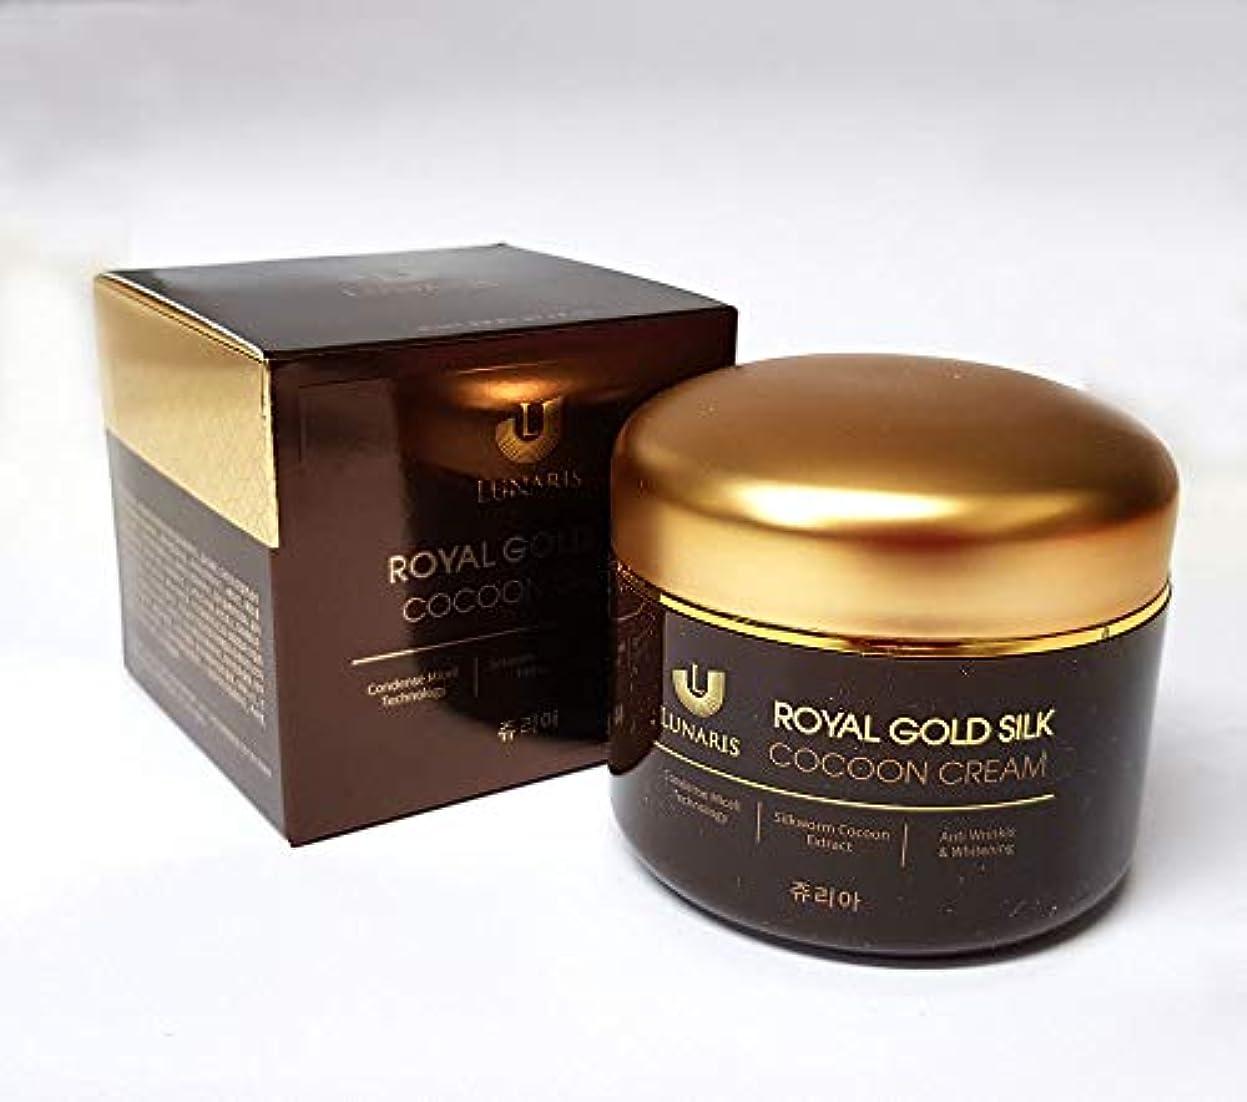 小屋改修するである[Lunaris] ロイヤルゴールドシルクコクーンクリーム100ml /Royal Gold Silk Cocoon Cream 100ml / 美白、保湿、リフティング/Whitening, Moisturizing, Lifting/韓国化粧品/Korean Cosmetics [並行輸入品]